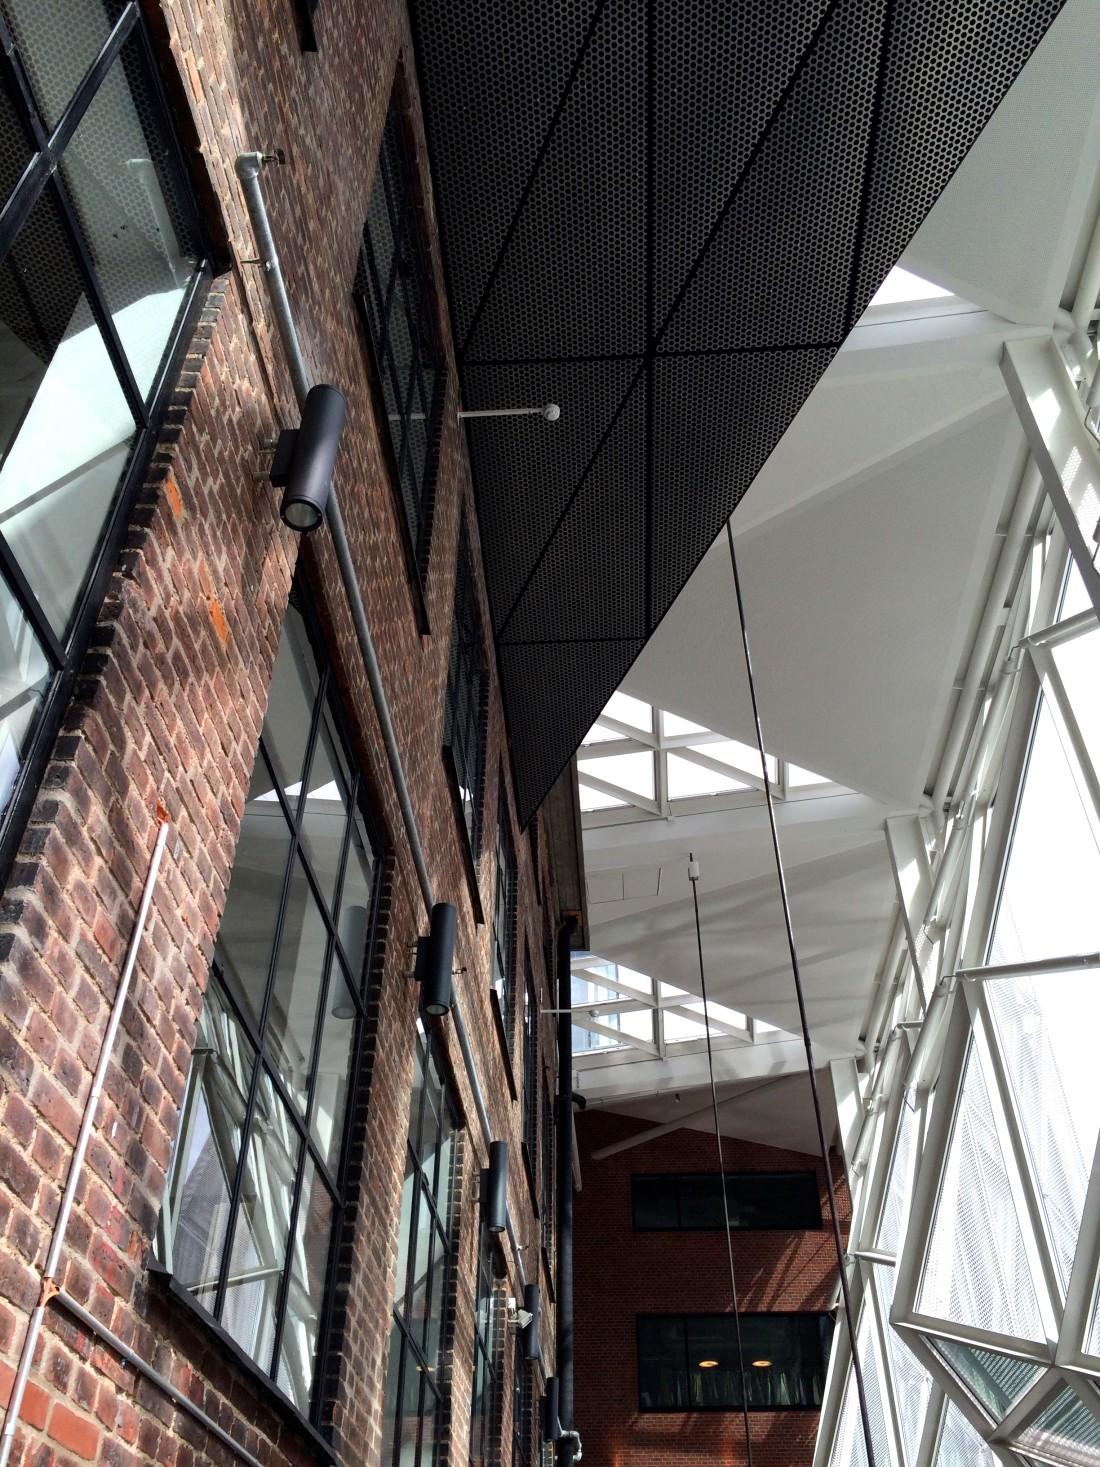 kulturvaerftet_elsinor_Helsingor_kontrast_struktur